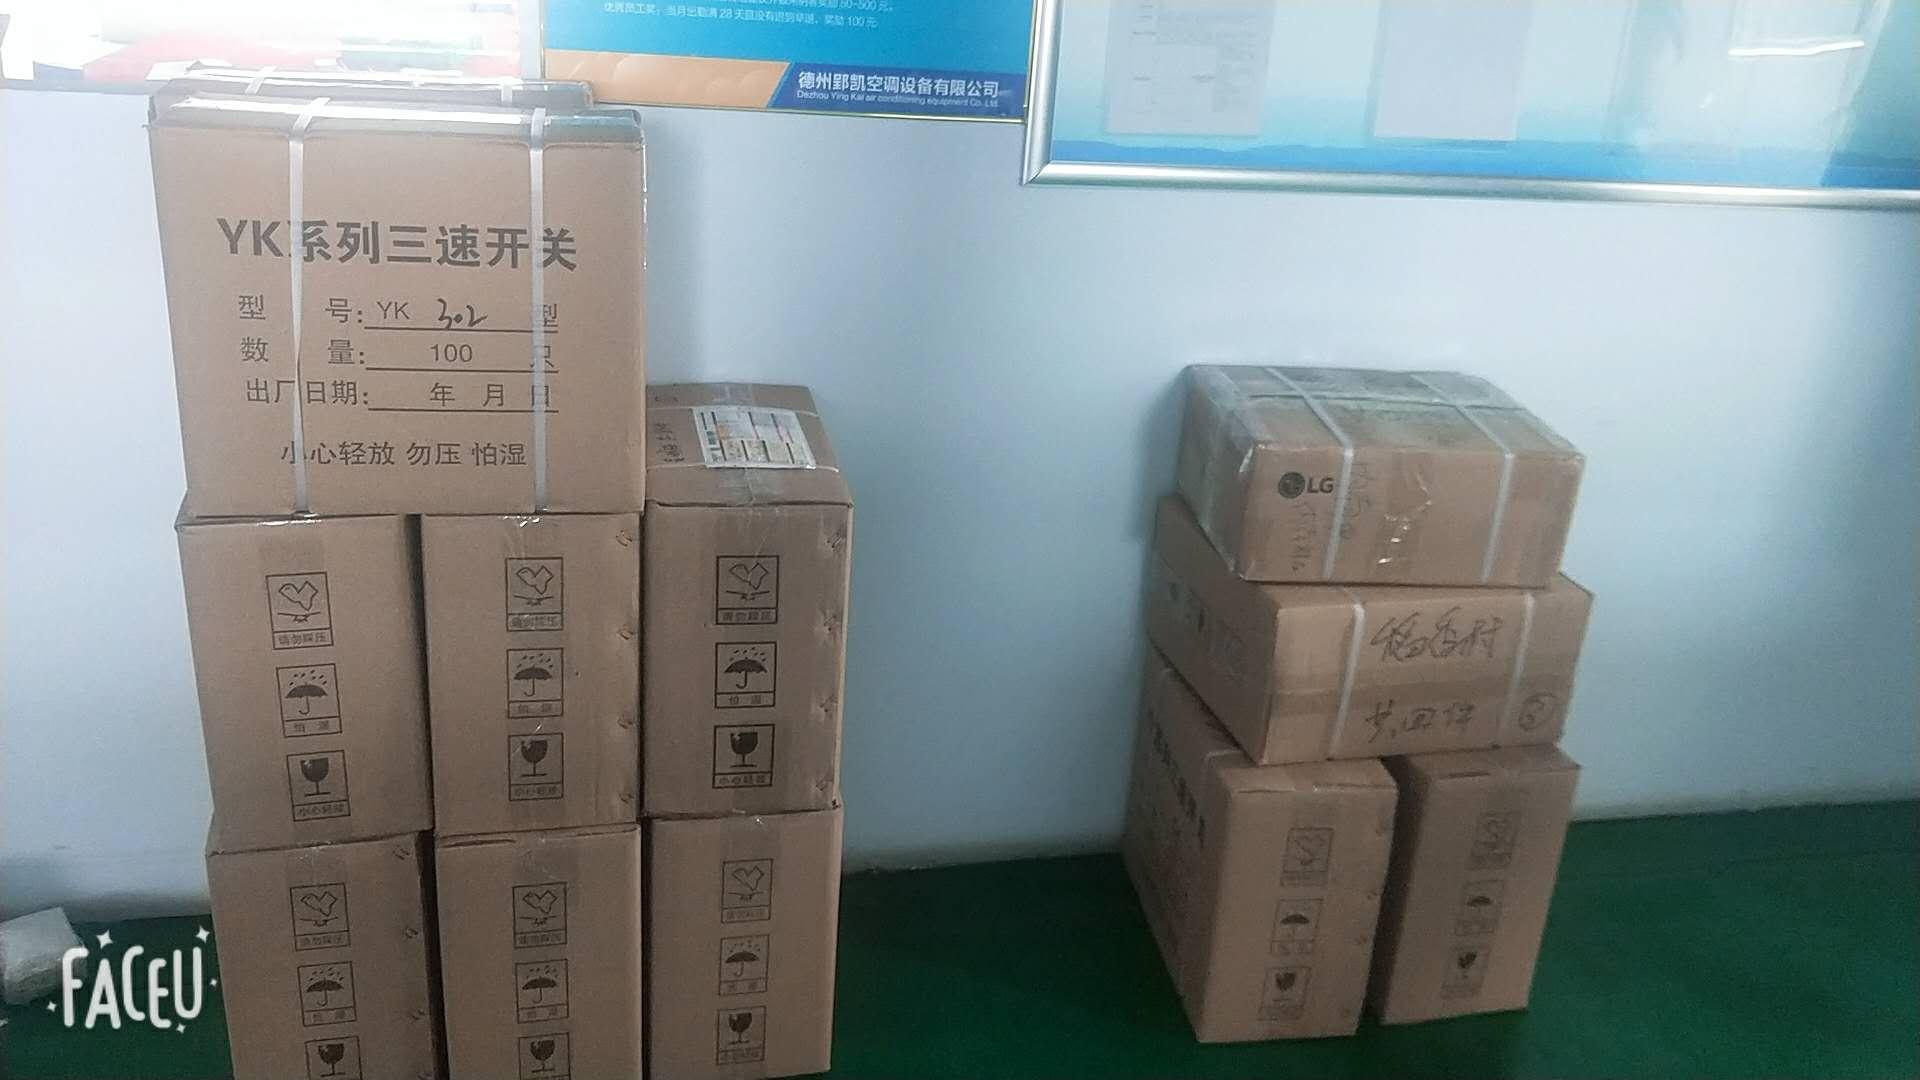 5月16日发往北京内蒙 三速开关 液晶温控器